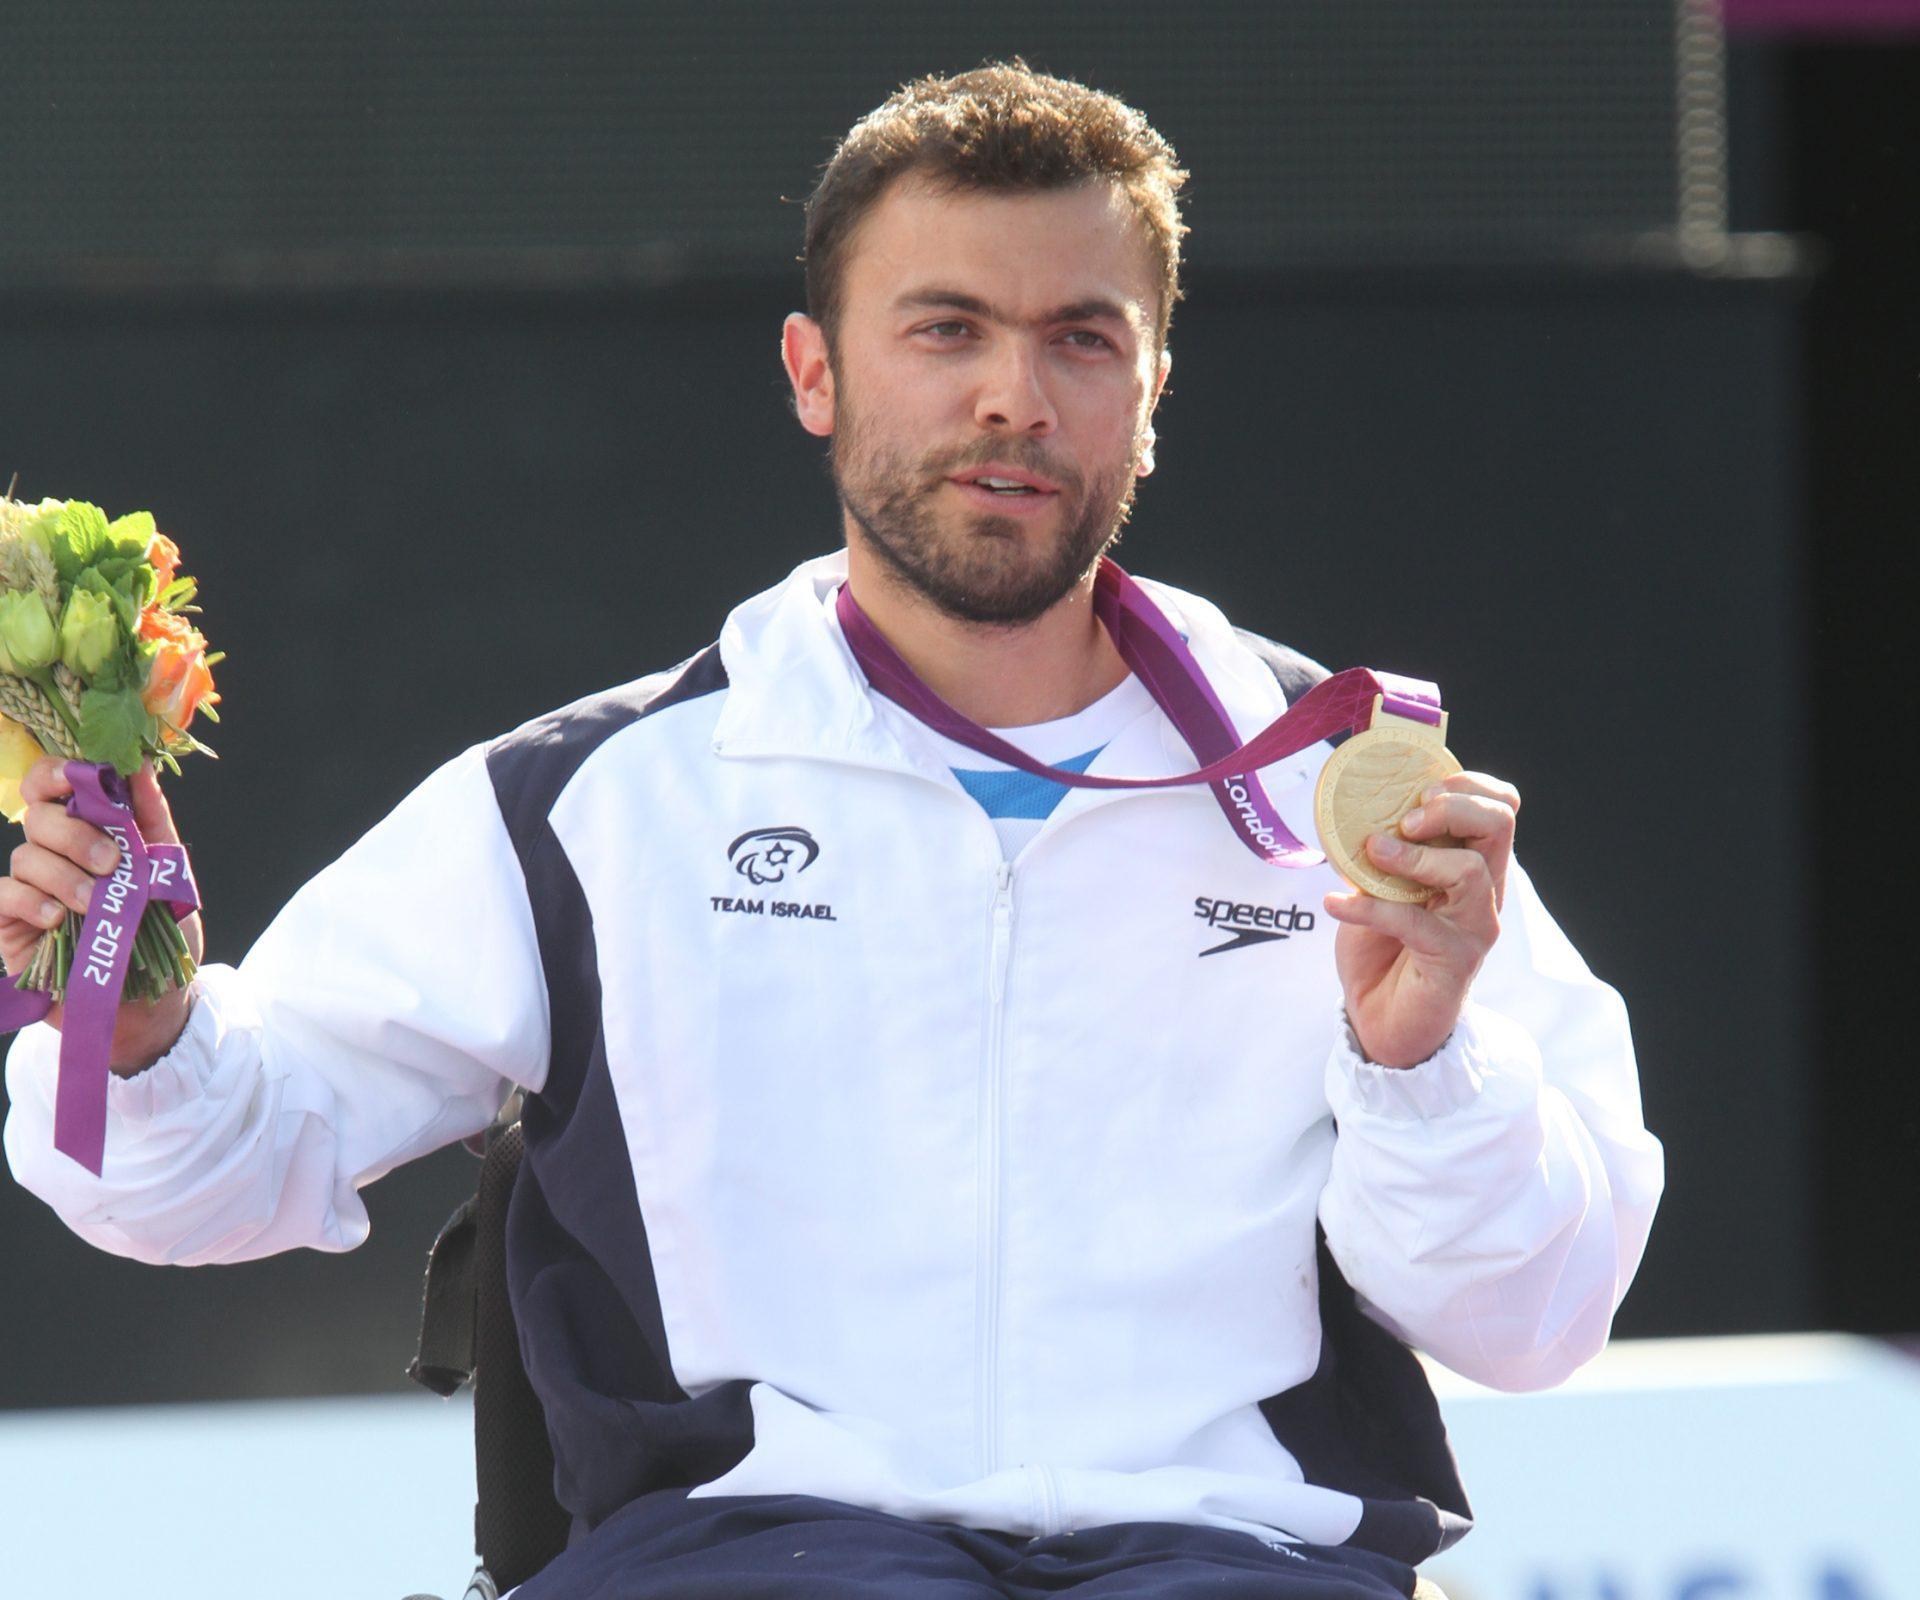 מדליית זהב במשחקים הפרלימפים 2012